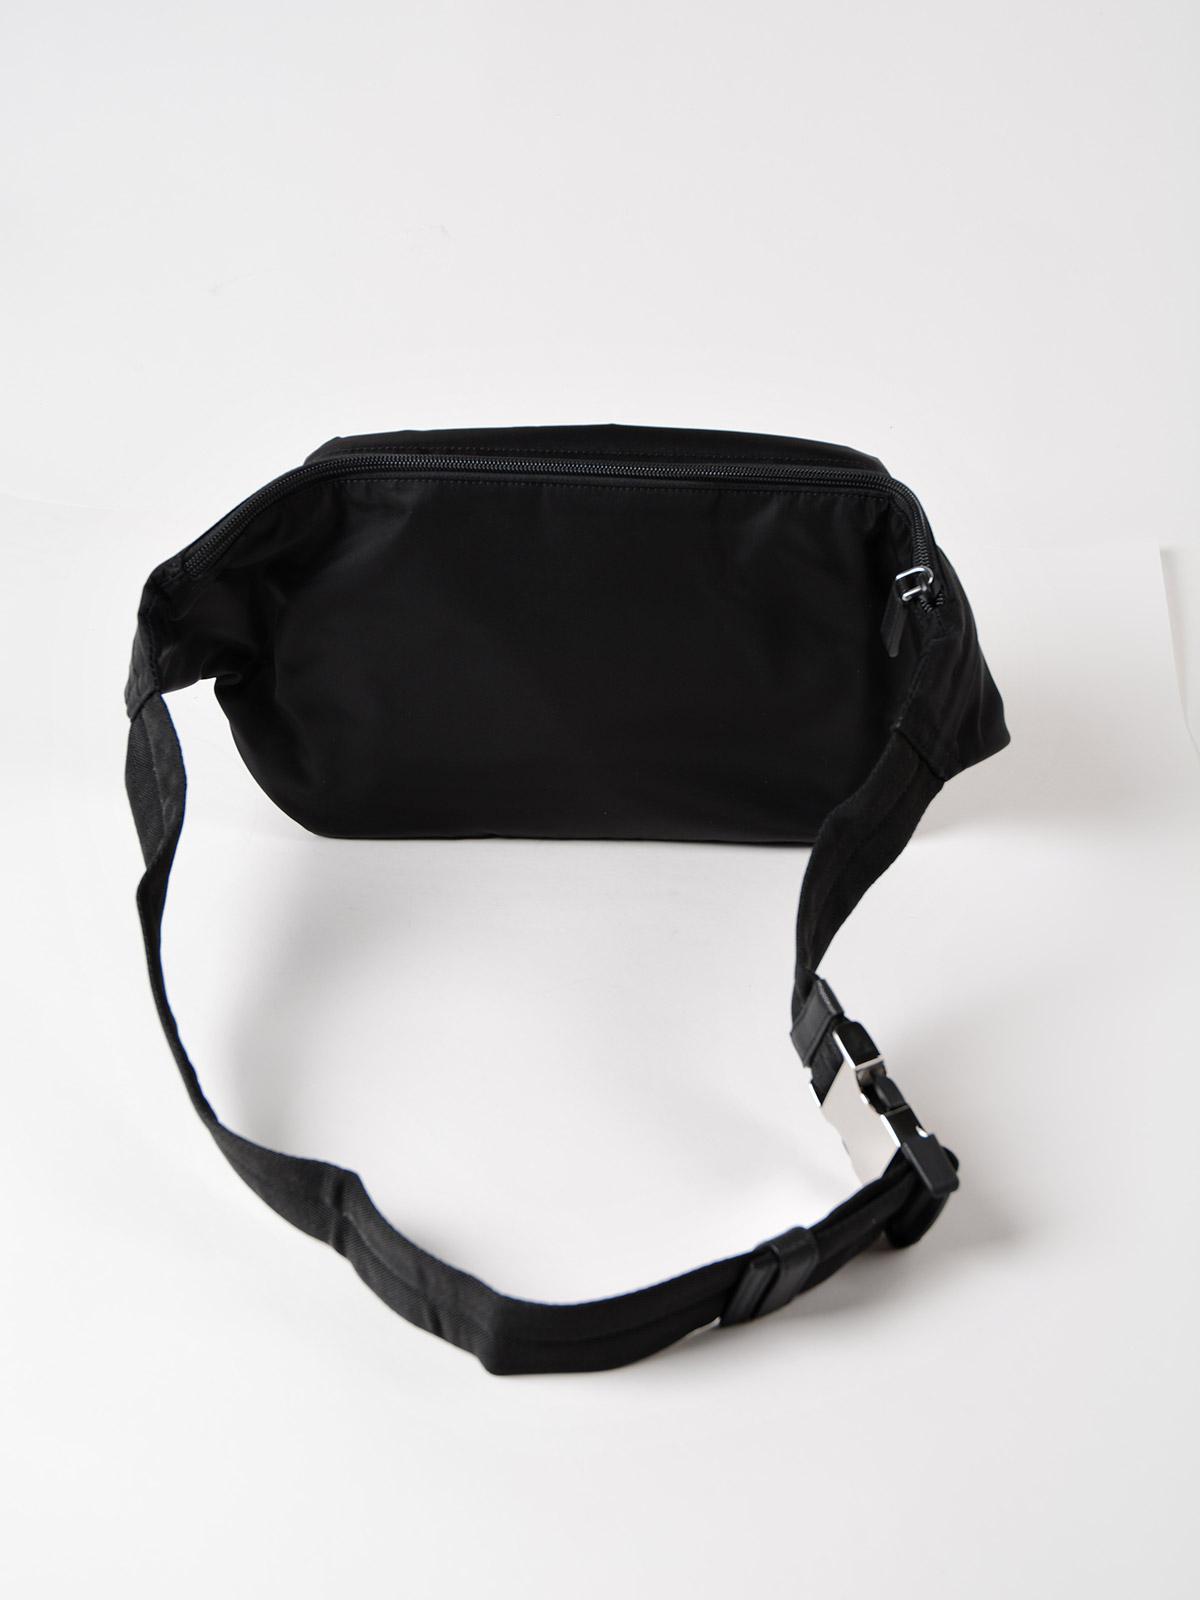 6f29b7db6692 purchase australia lyst prada tessuto montagna belt bag in black for men  fa1f5 9f726 5b59e 2638c